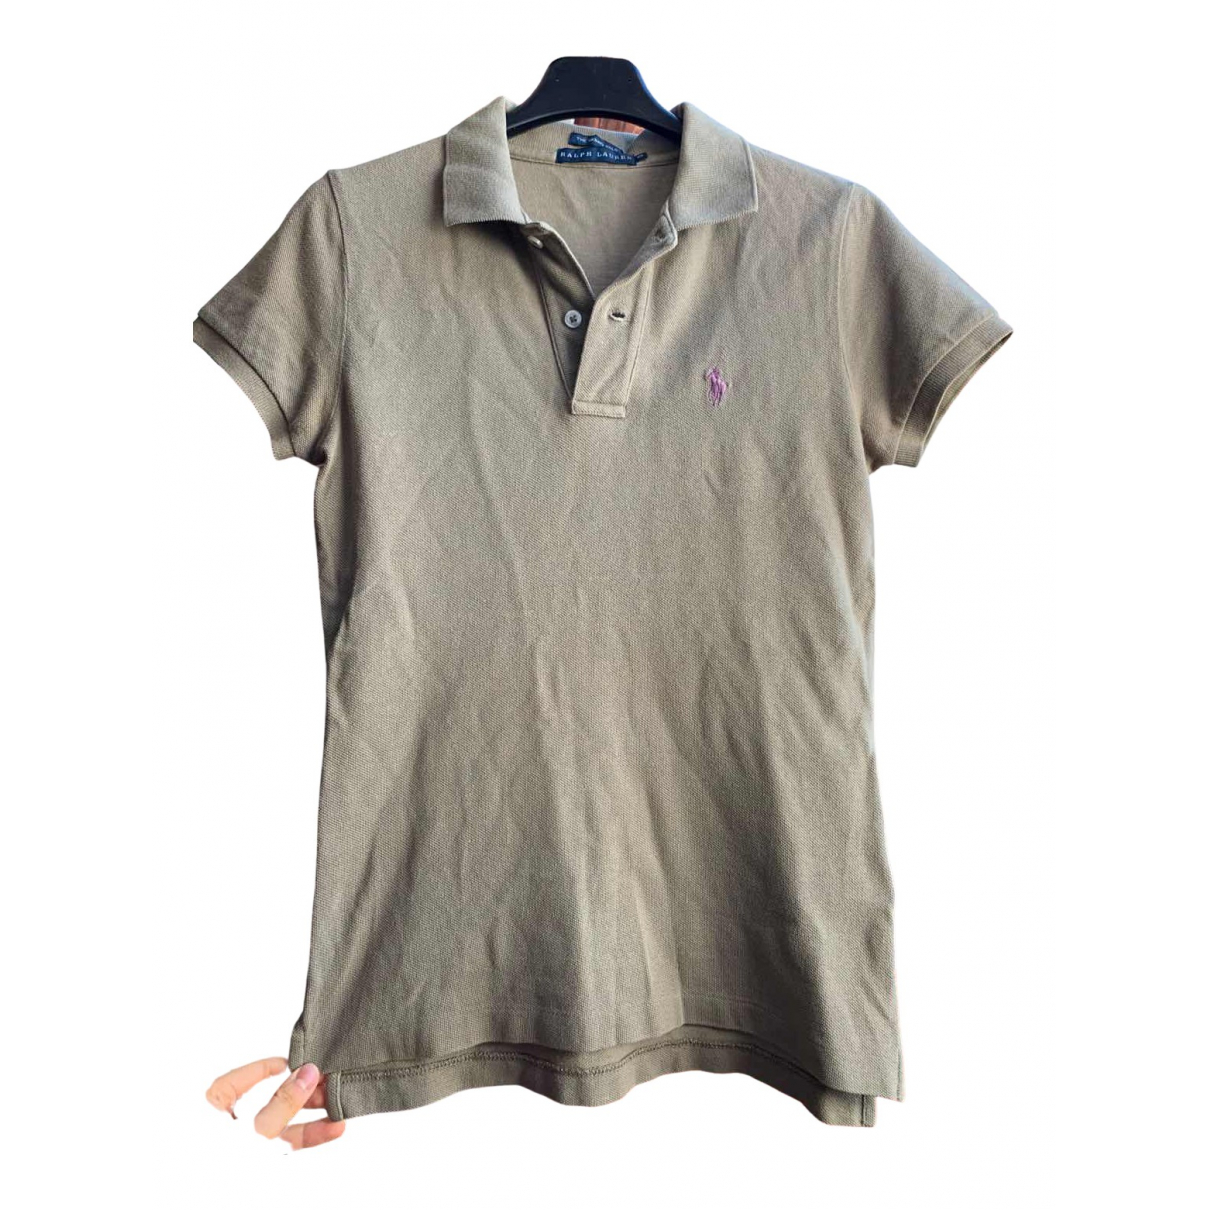 Polo Ralph Lauren Polo cintré manches courtes Khaki Cotton  top for Women 36 IT